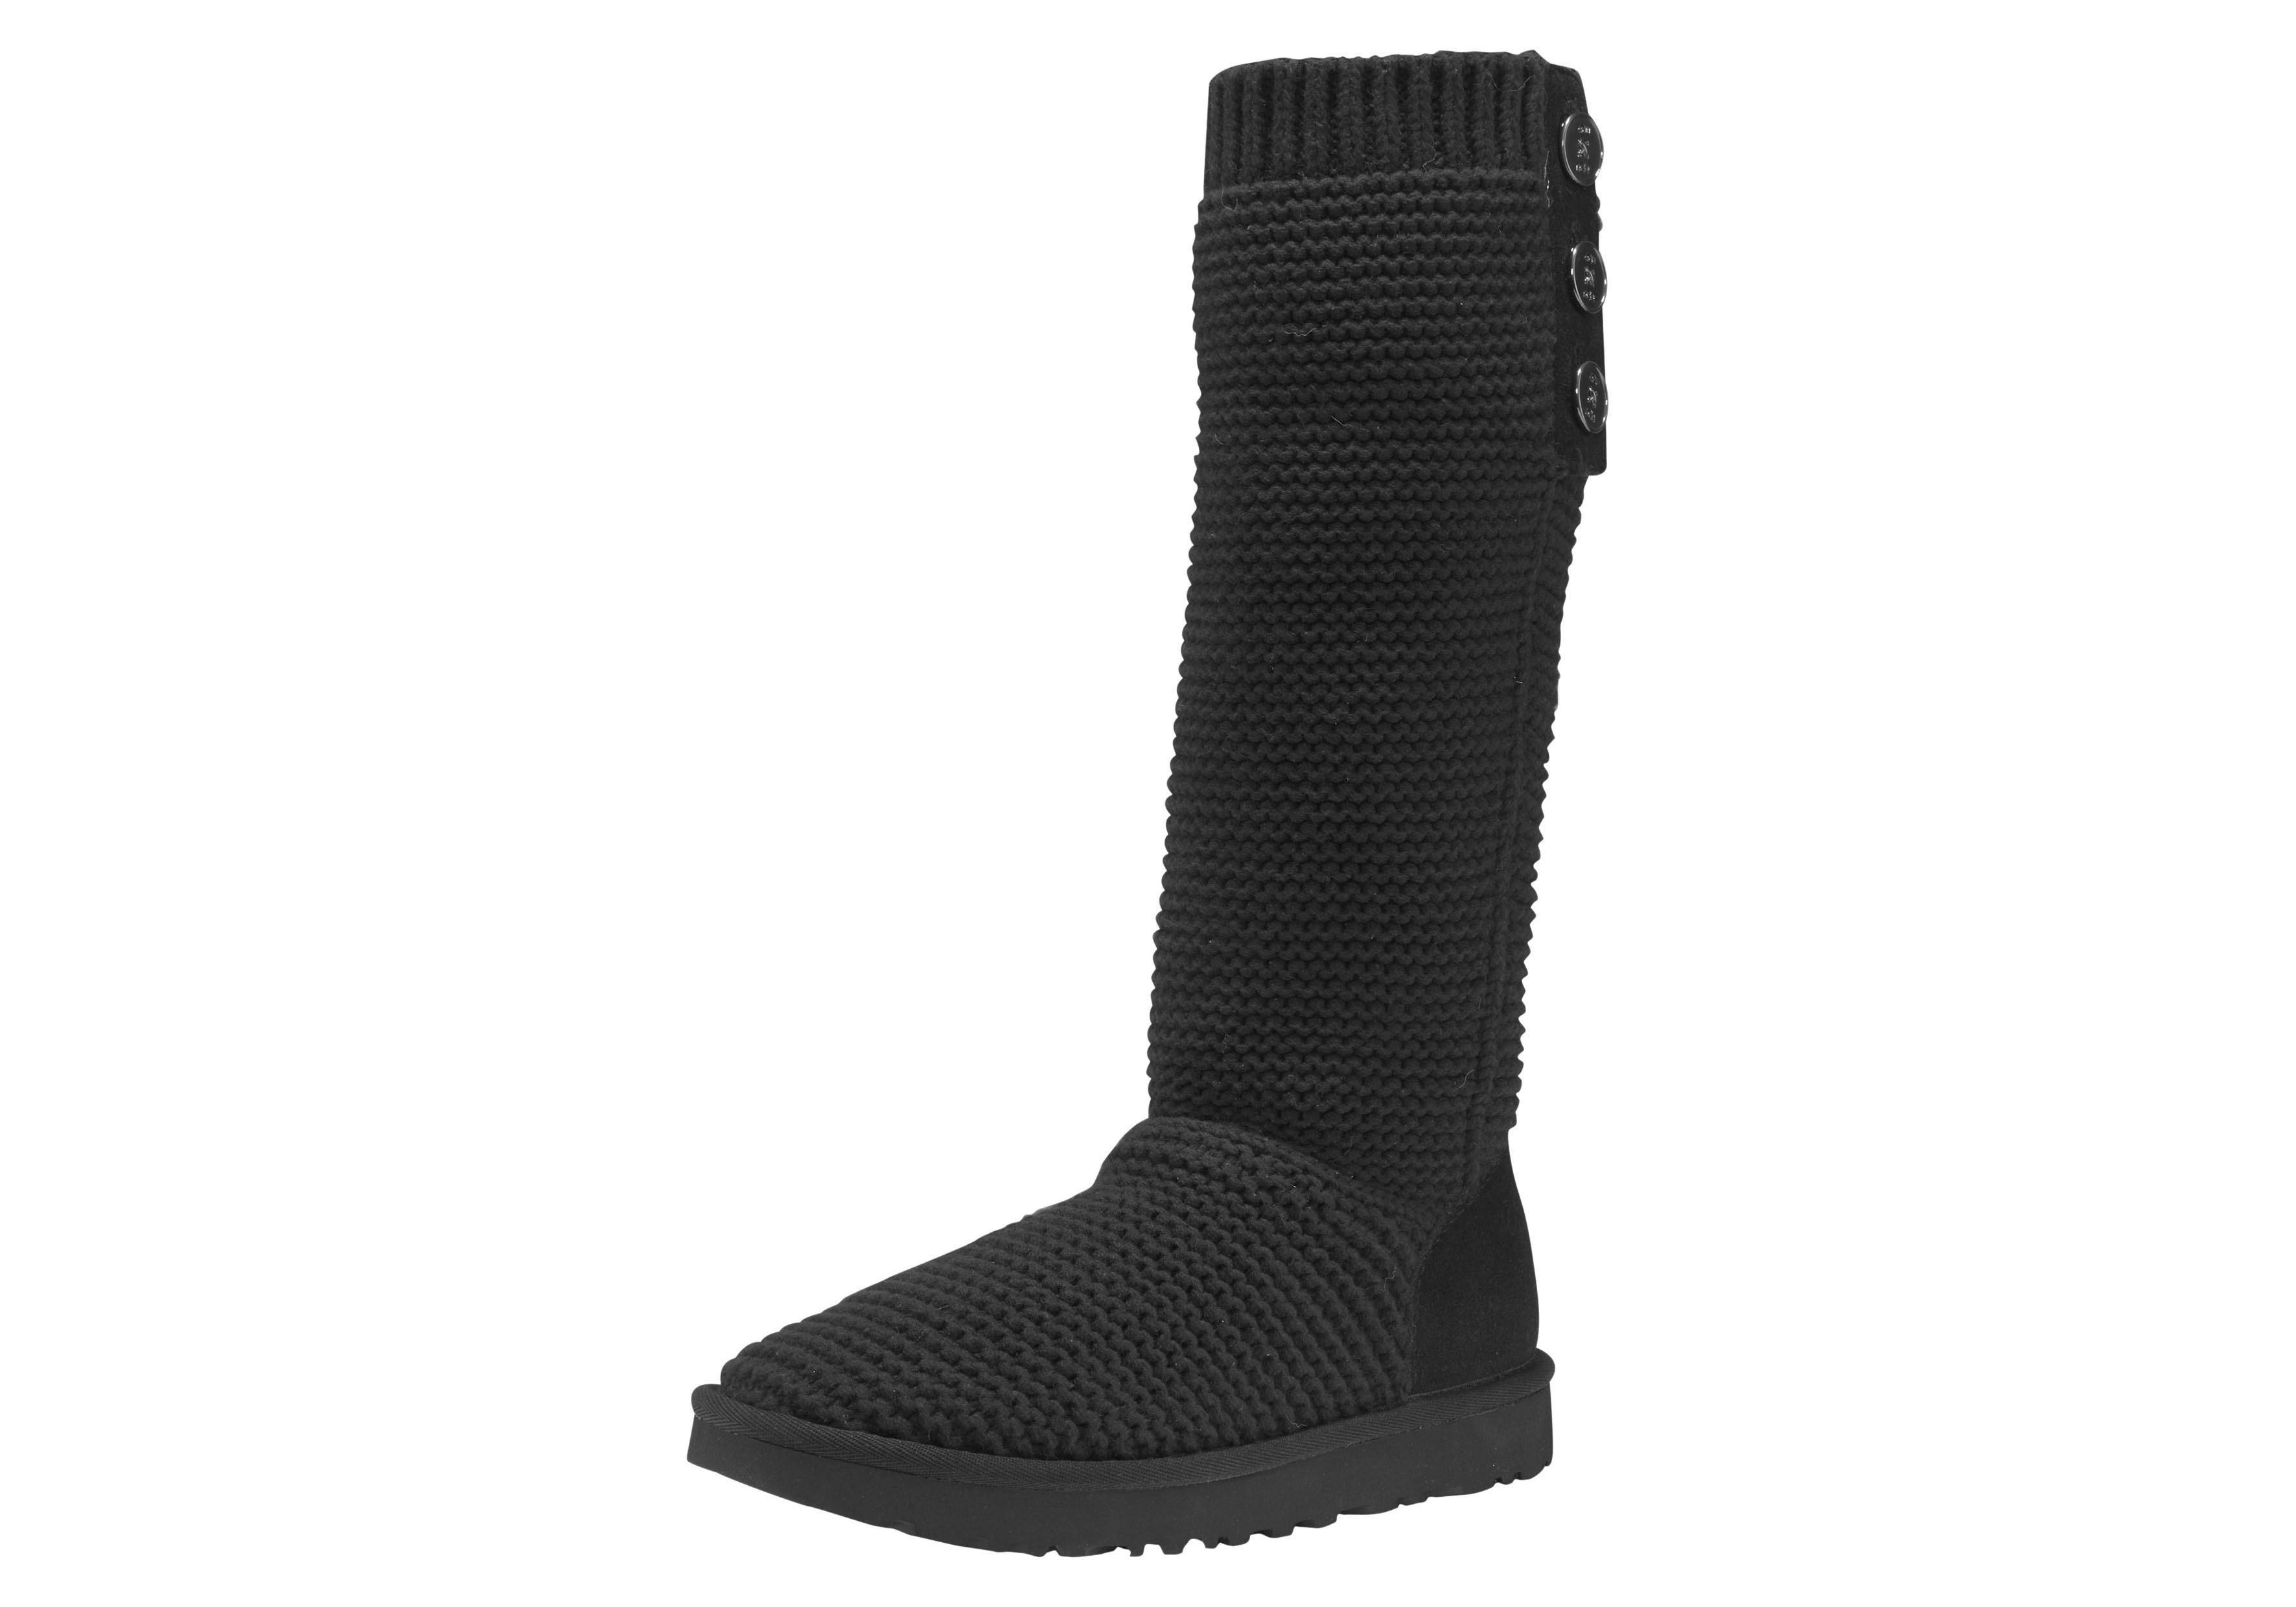 Ugg winterlaarzen »Purl Cardy Knit« online kopen op otto.nl